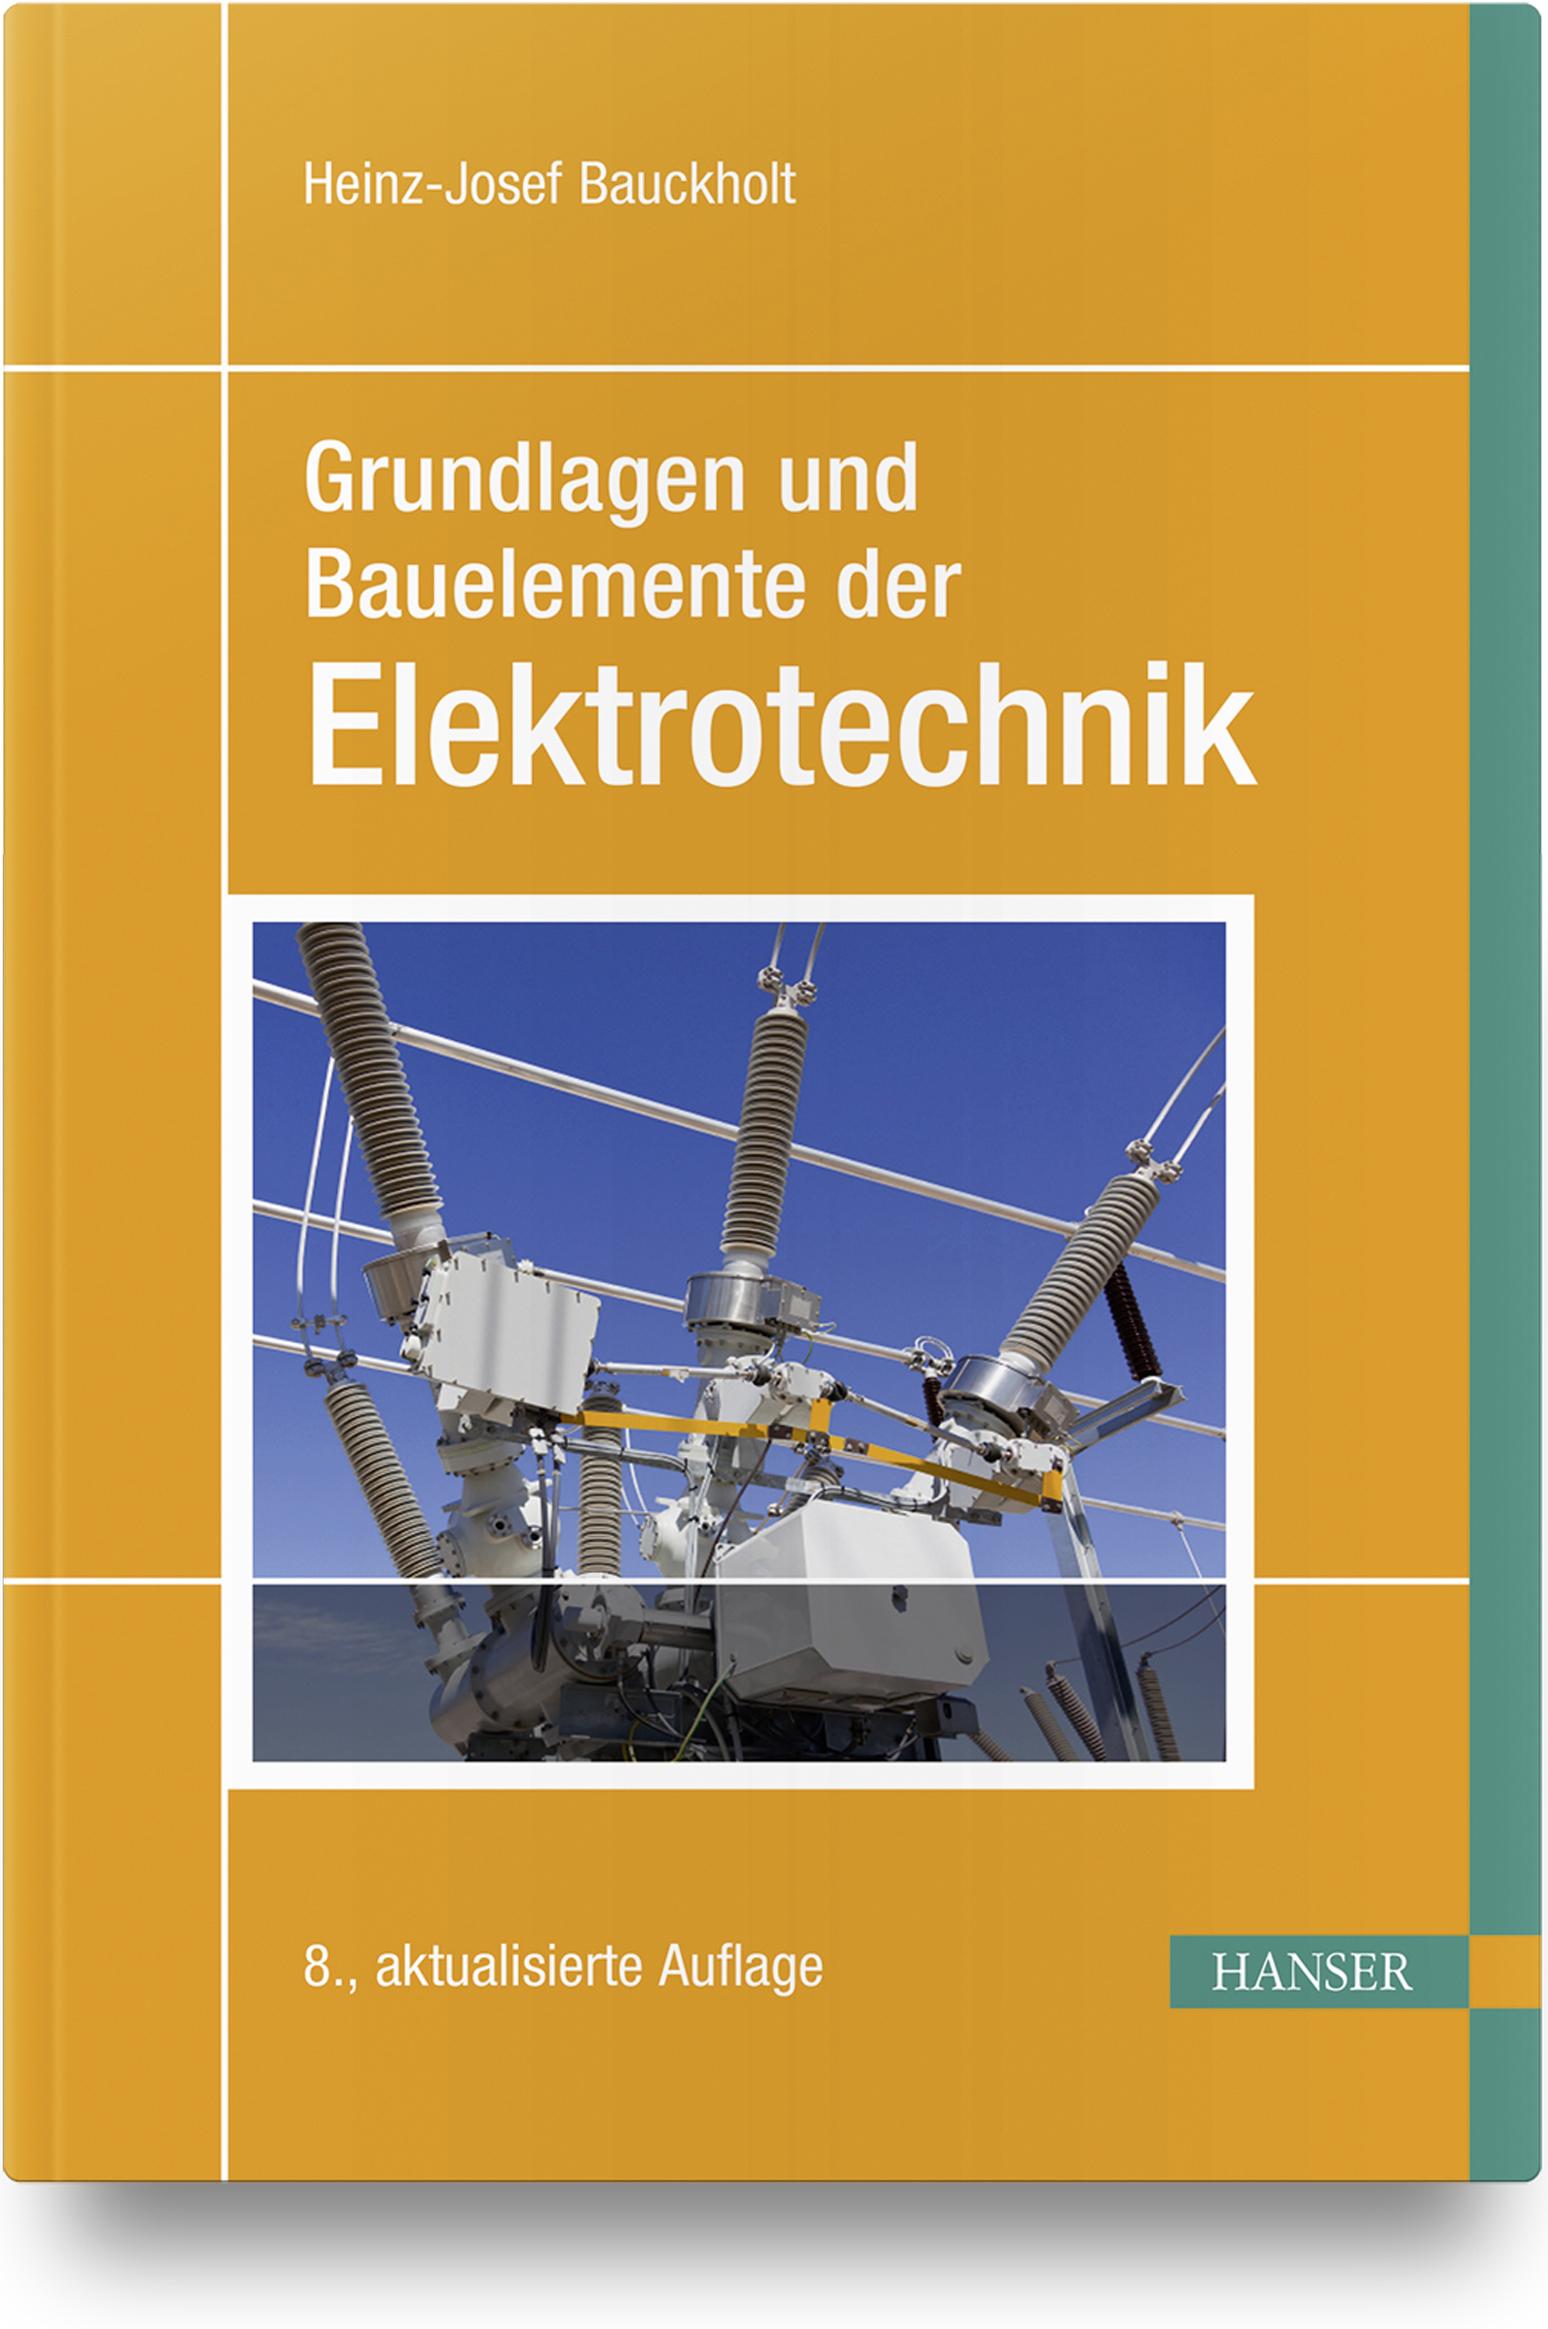 Bauckholt, Grundlagen und Bauelemente der Elektrotechnik, 978-3-446-45904-5